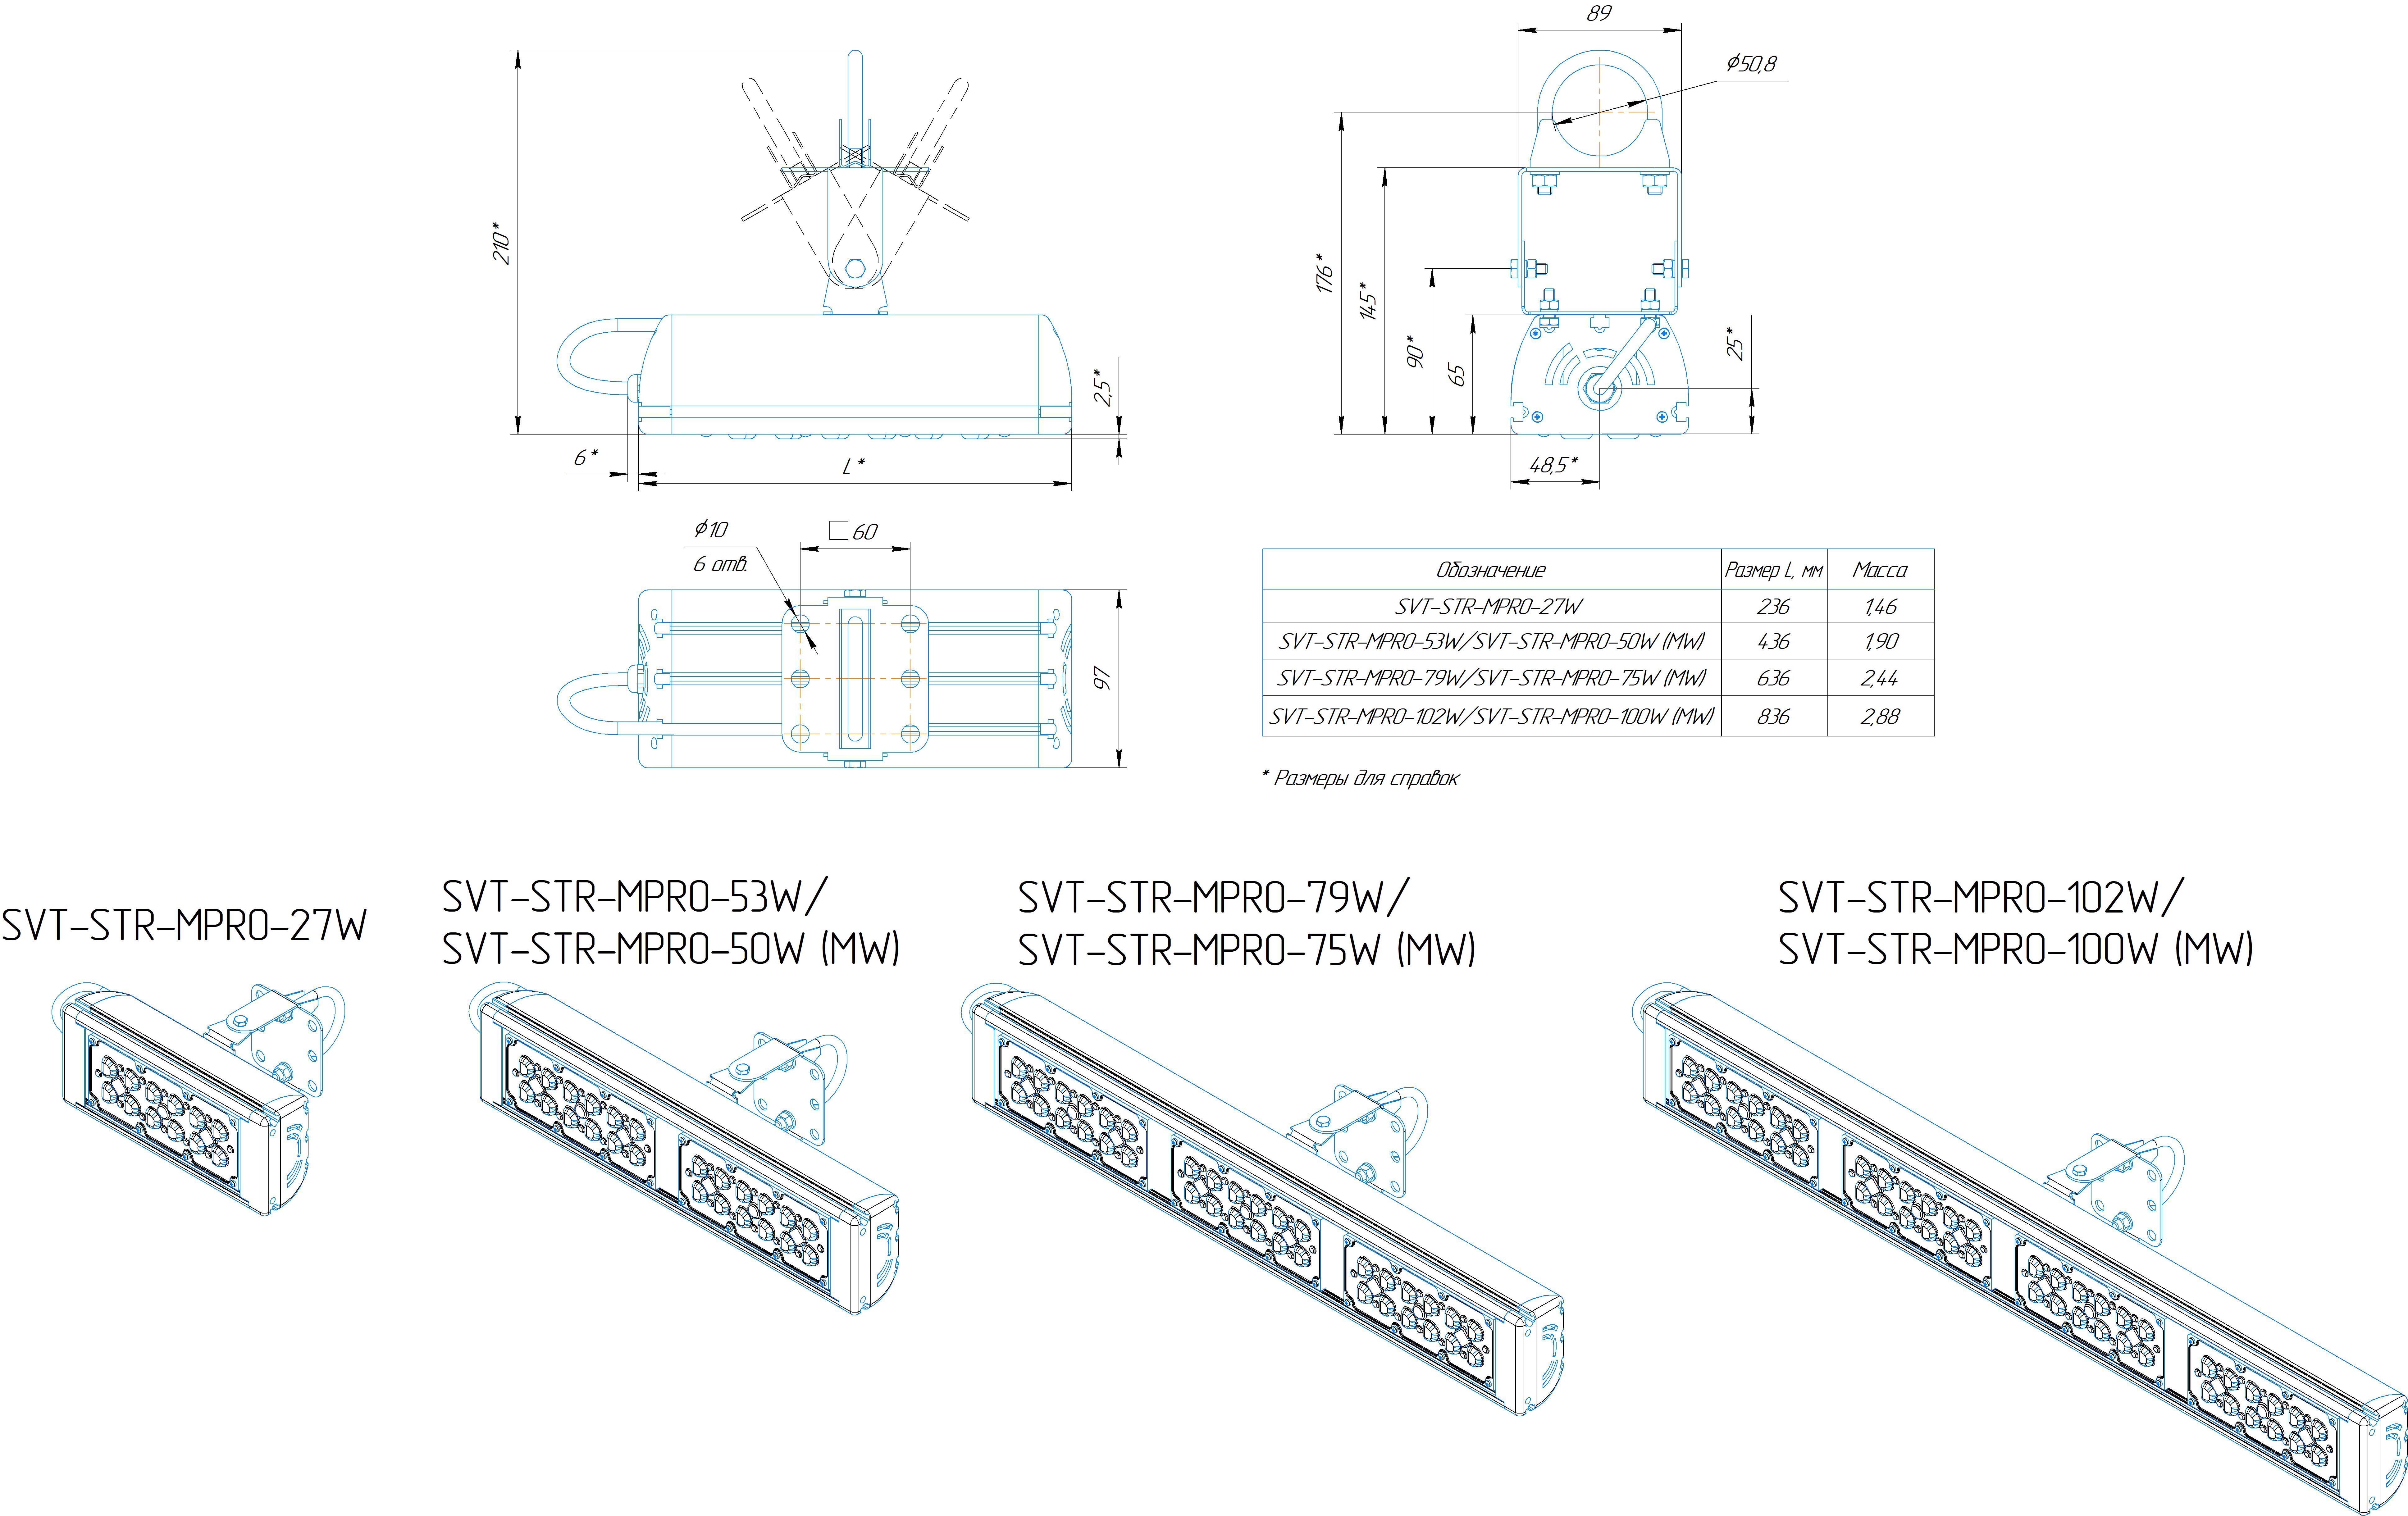 Промышленный светильник Модуль PRO SVT-STR-MPRO-102Вт-30x120